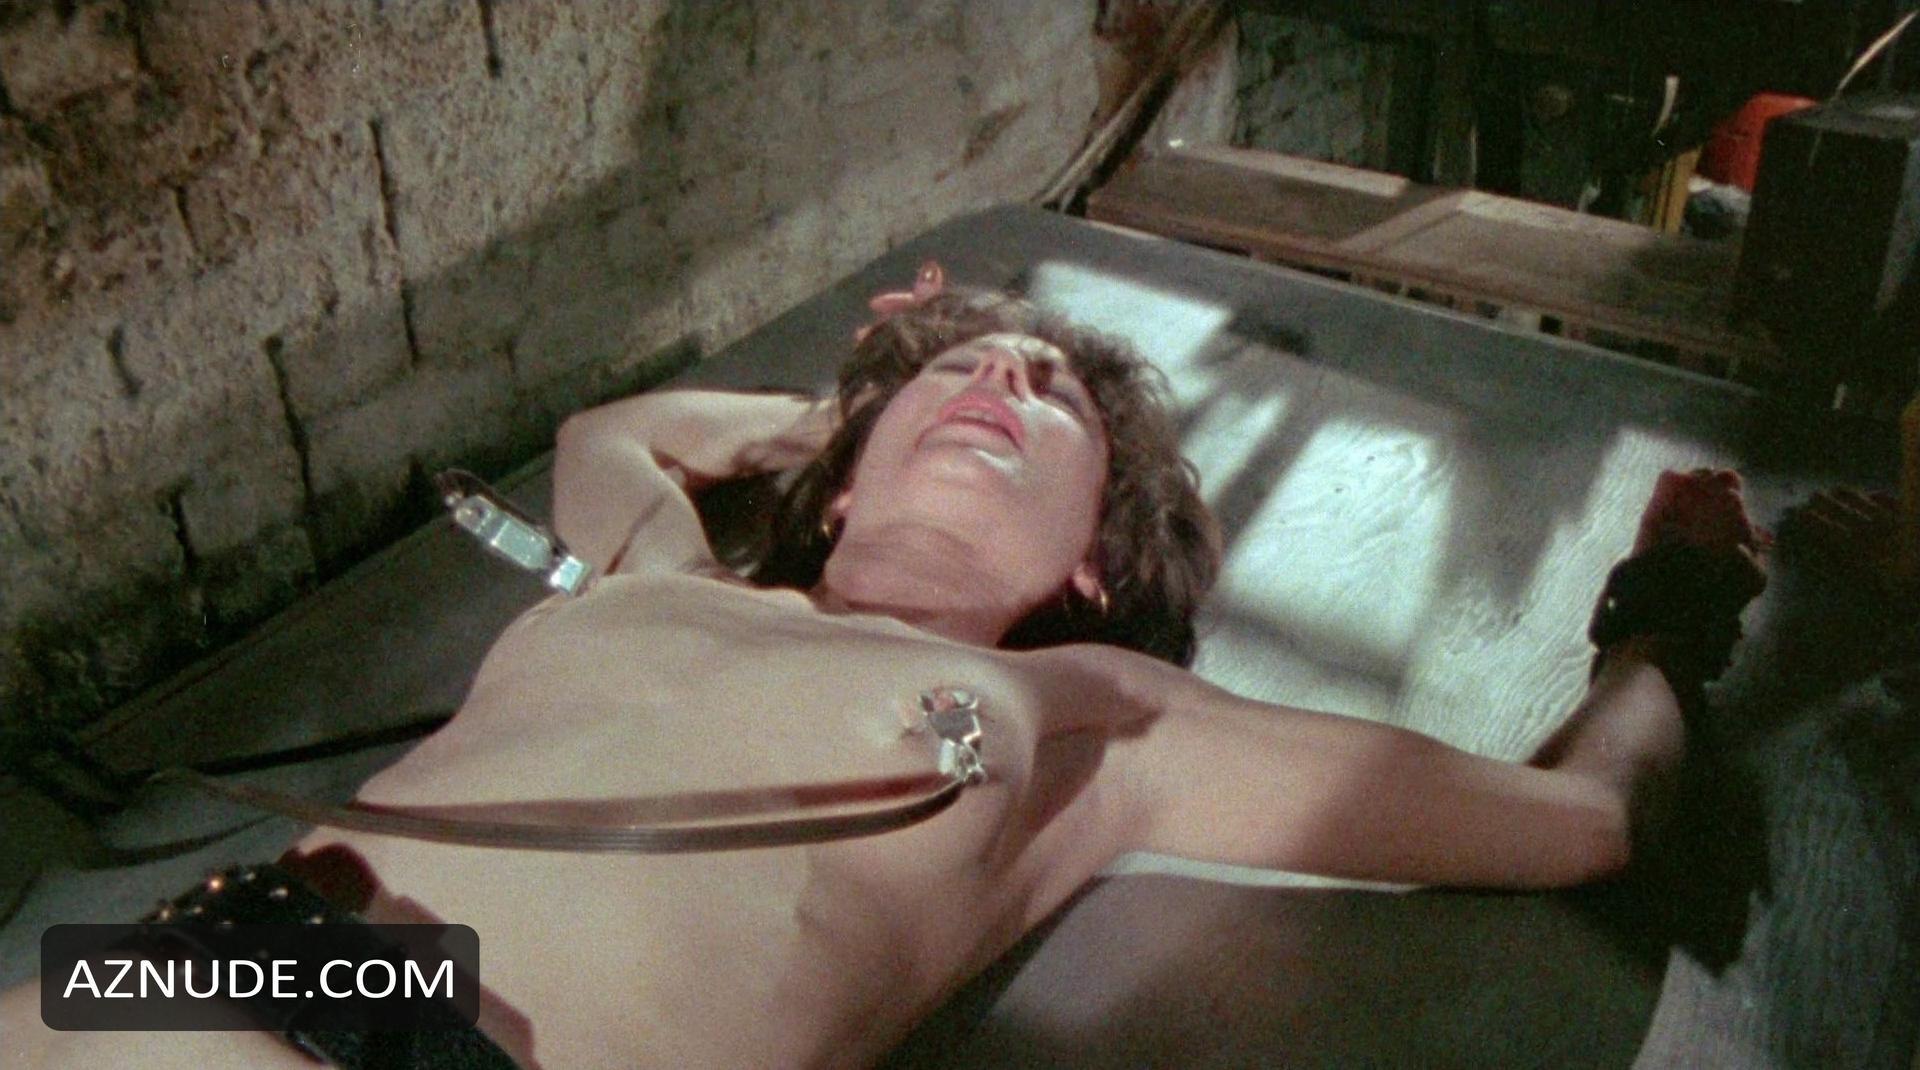 movies of desperate sex